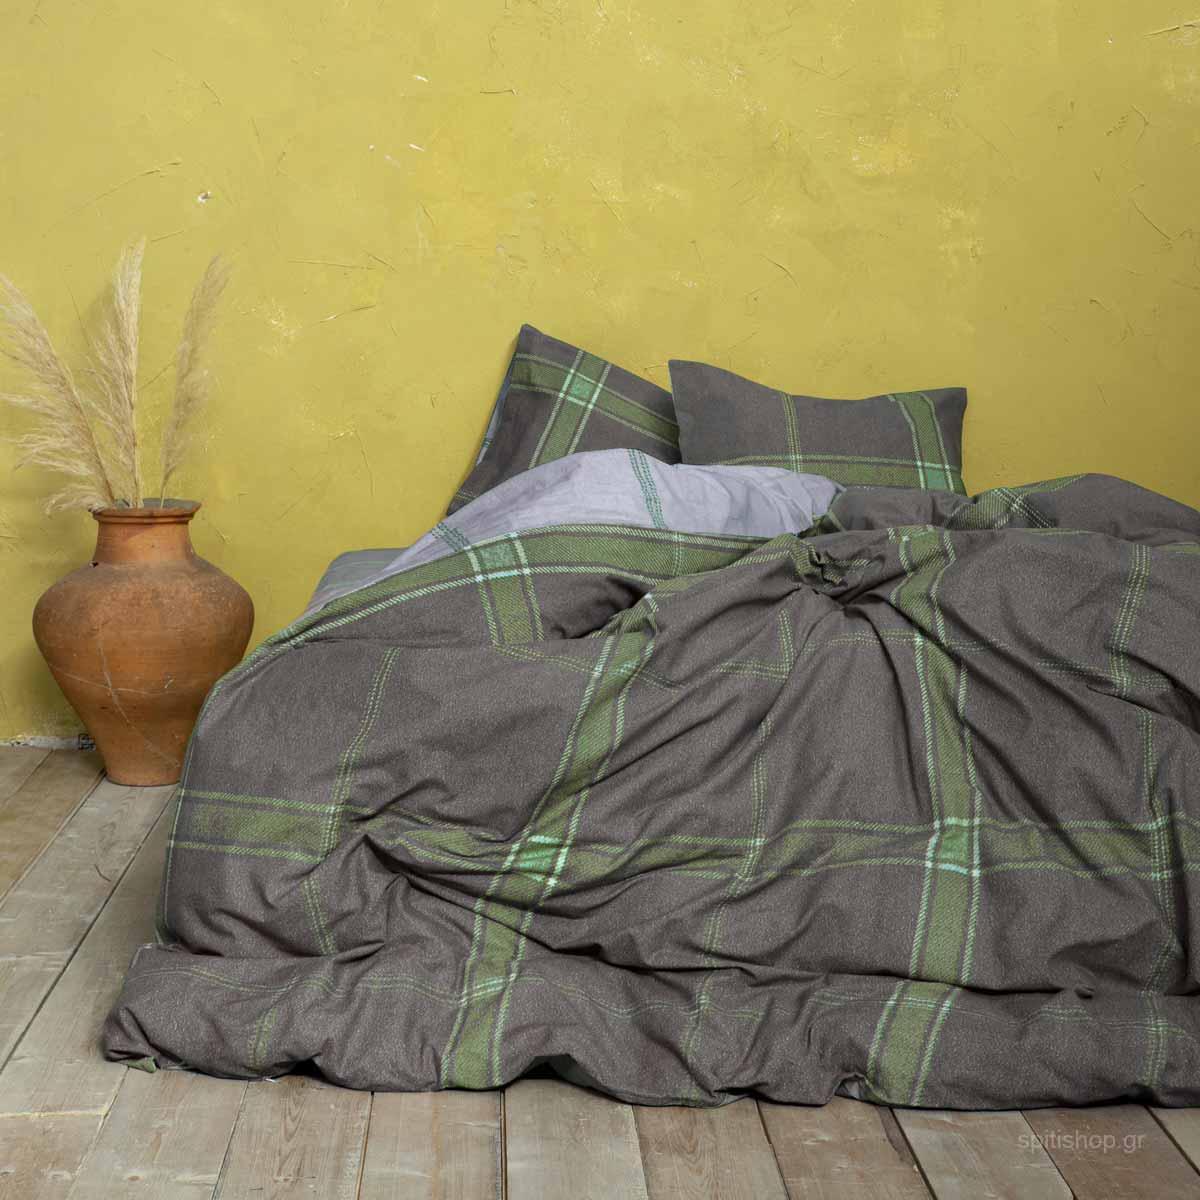 Σεντόνια Υπέρδιπλα (Σετ) Nima Bed Linen Apparel Green ΧΩΡΙΣ ΛΑΣΤΙΧΟ 240×260 ΧΩΡΙΣ ΛΑΣΤΙΧΟ 240×260